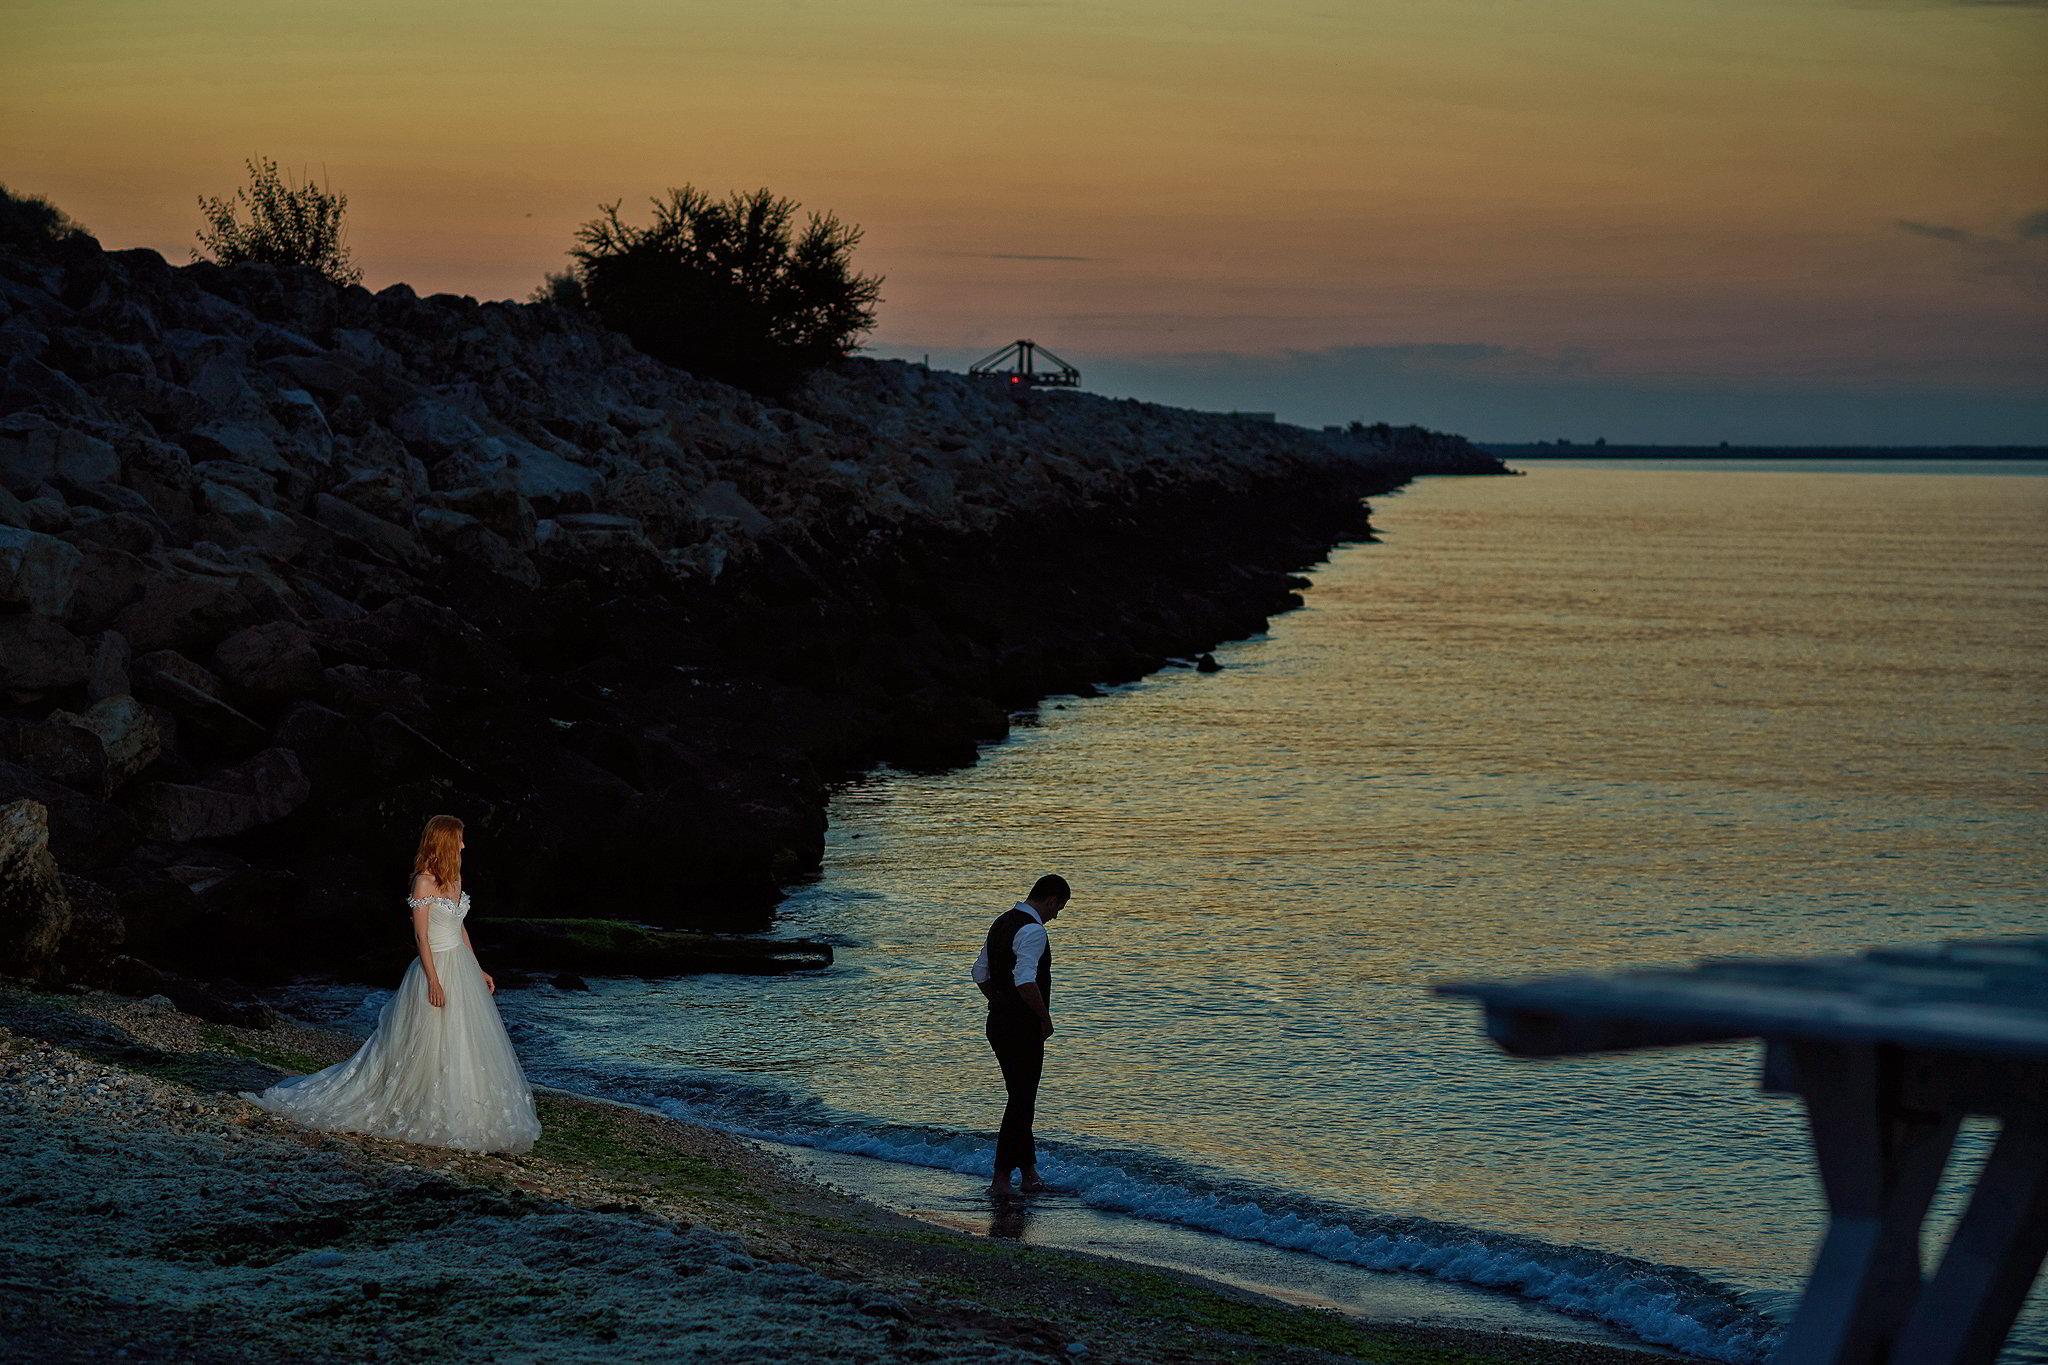 fotograf nunta constanta 1